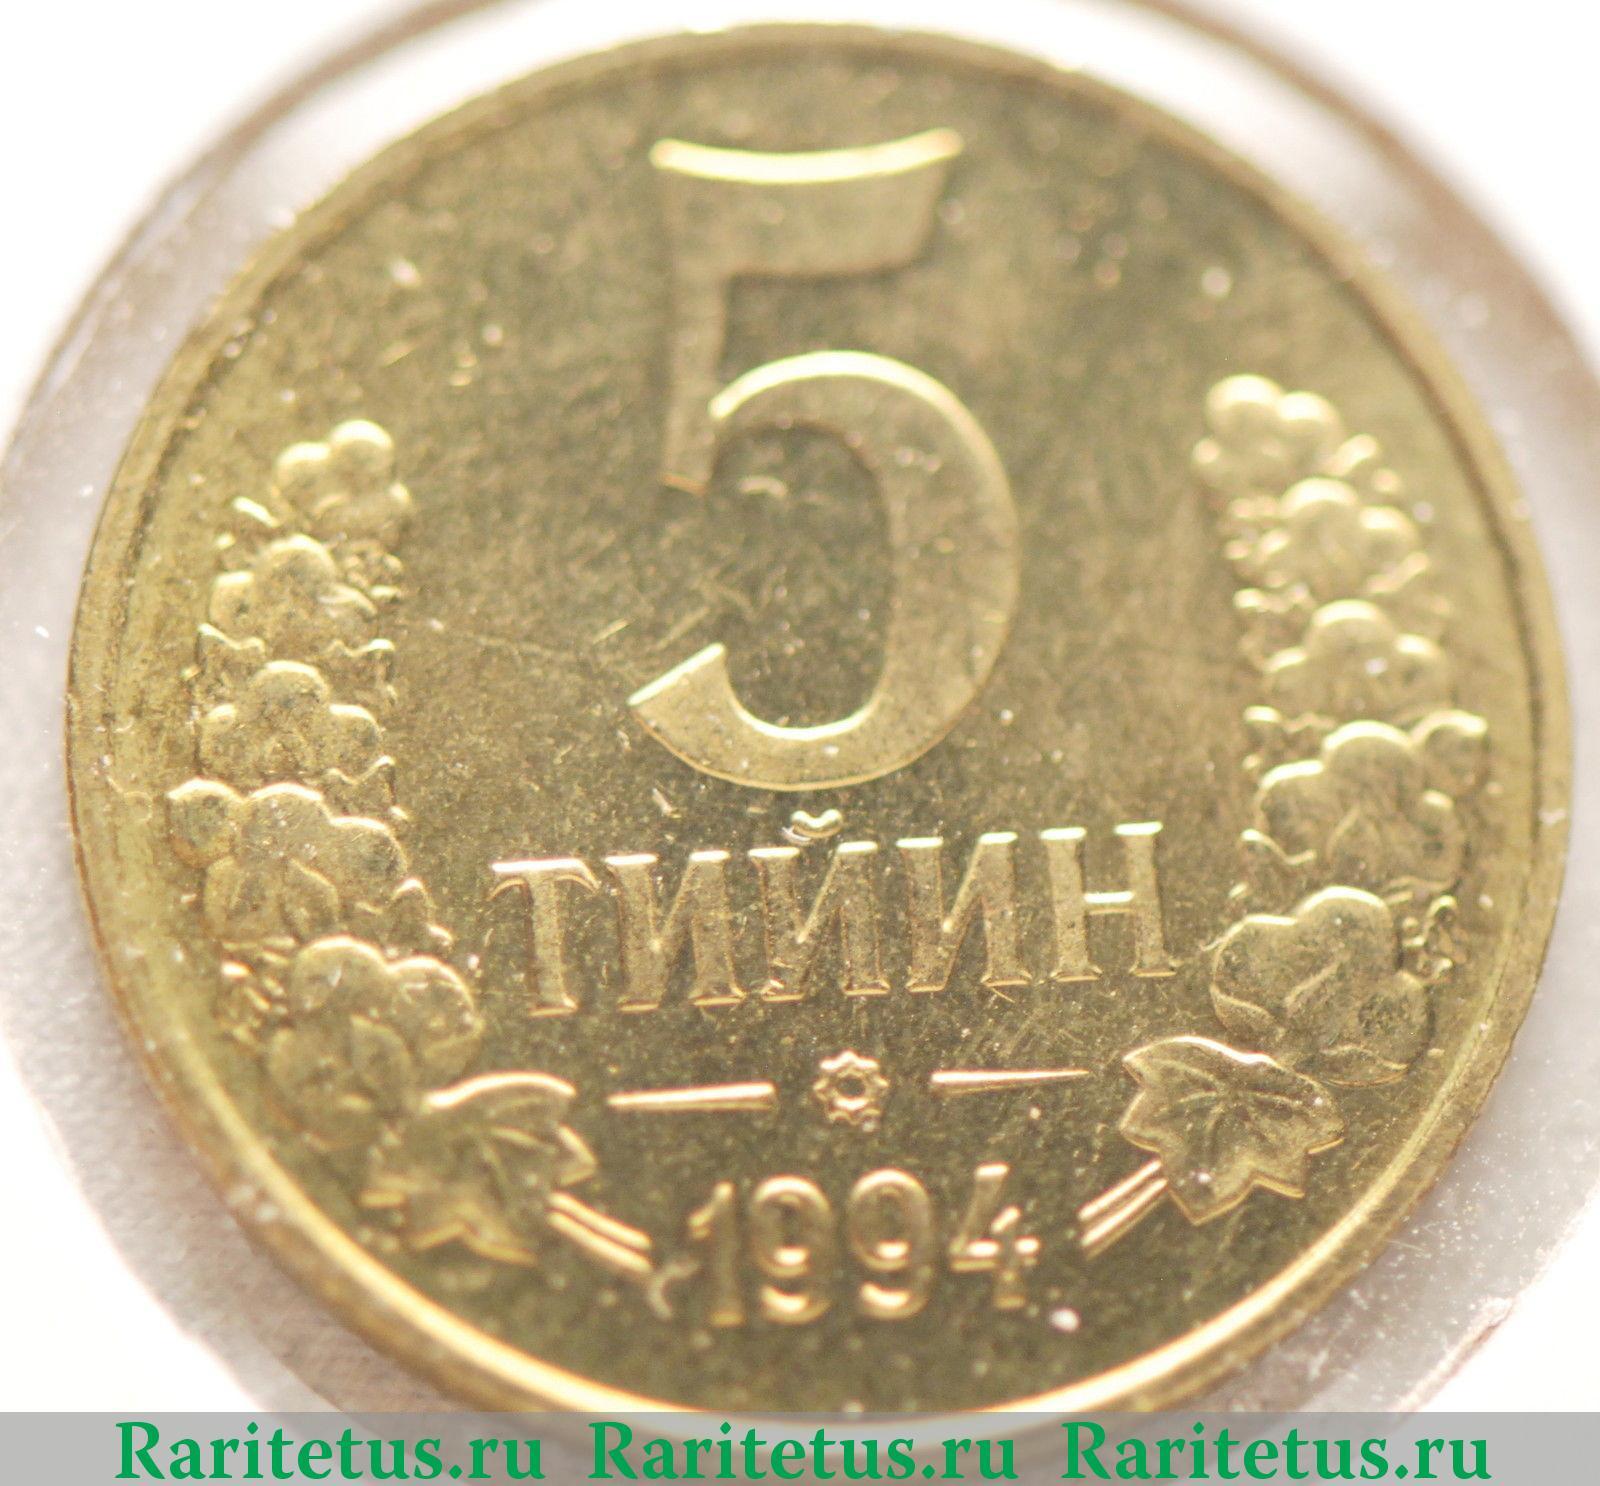 сколько стоит монета 2 рубля ленинград